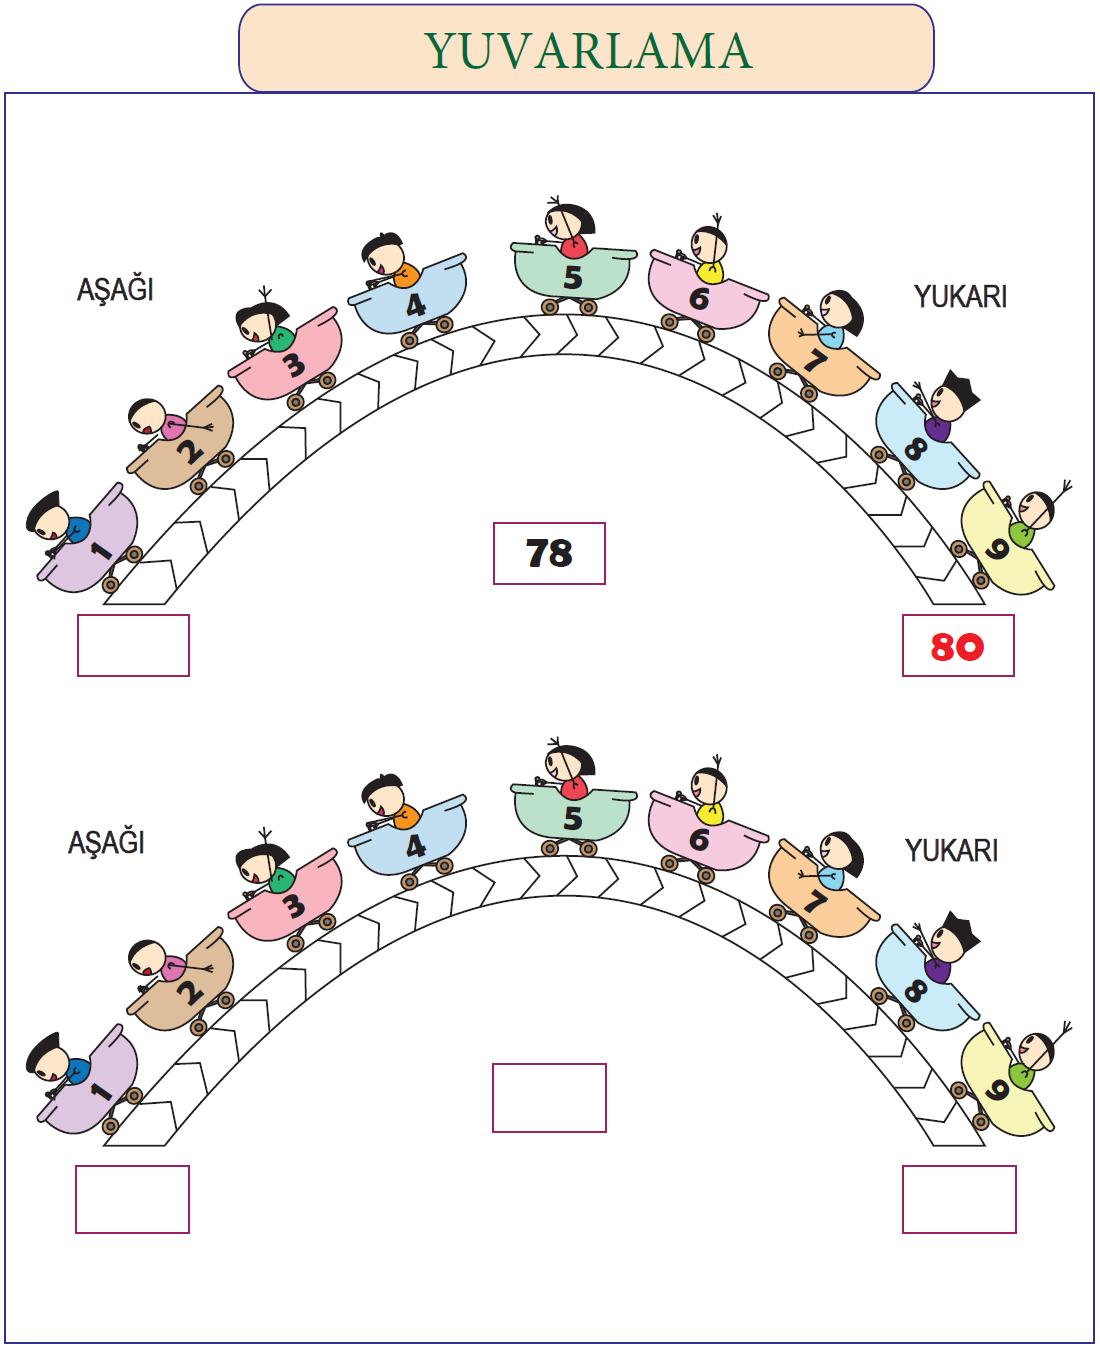 2 Sınıf Matematik Dersi Için Yuvarlama Tabloları Etkinlikleri